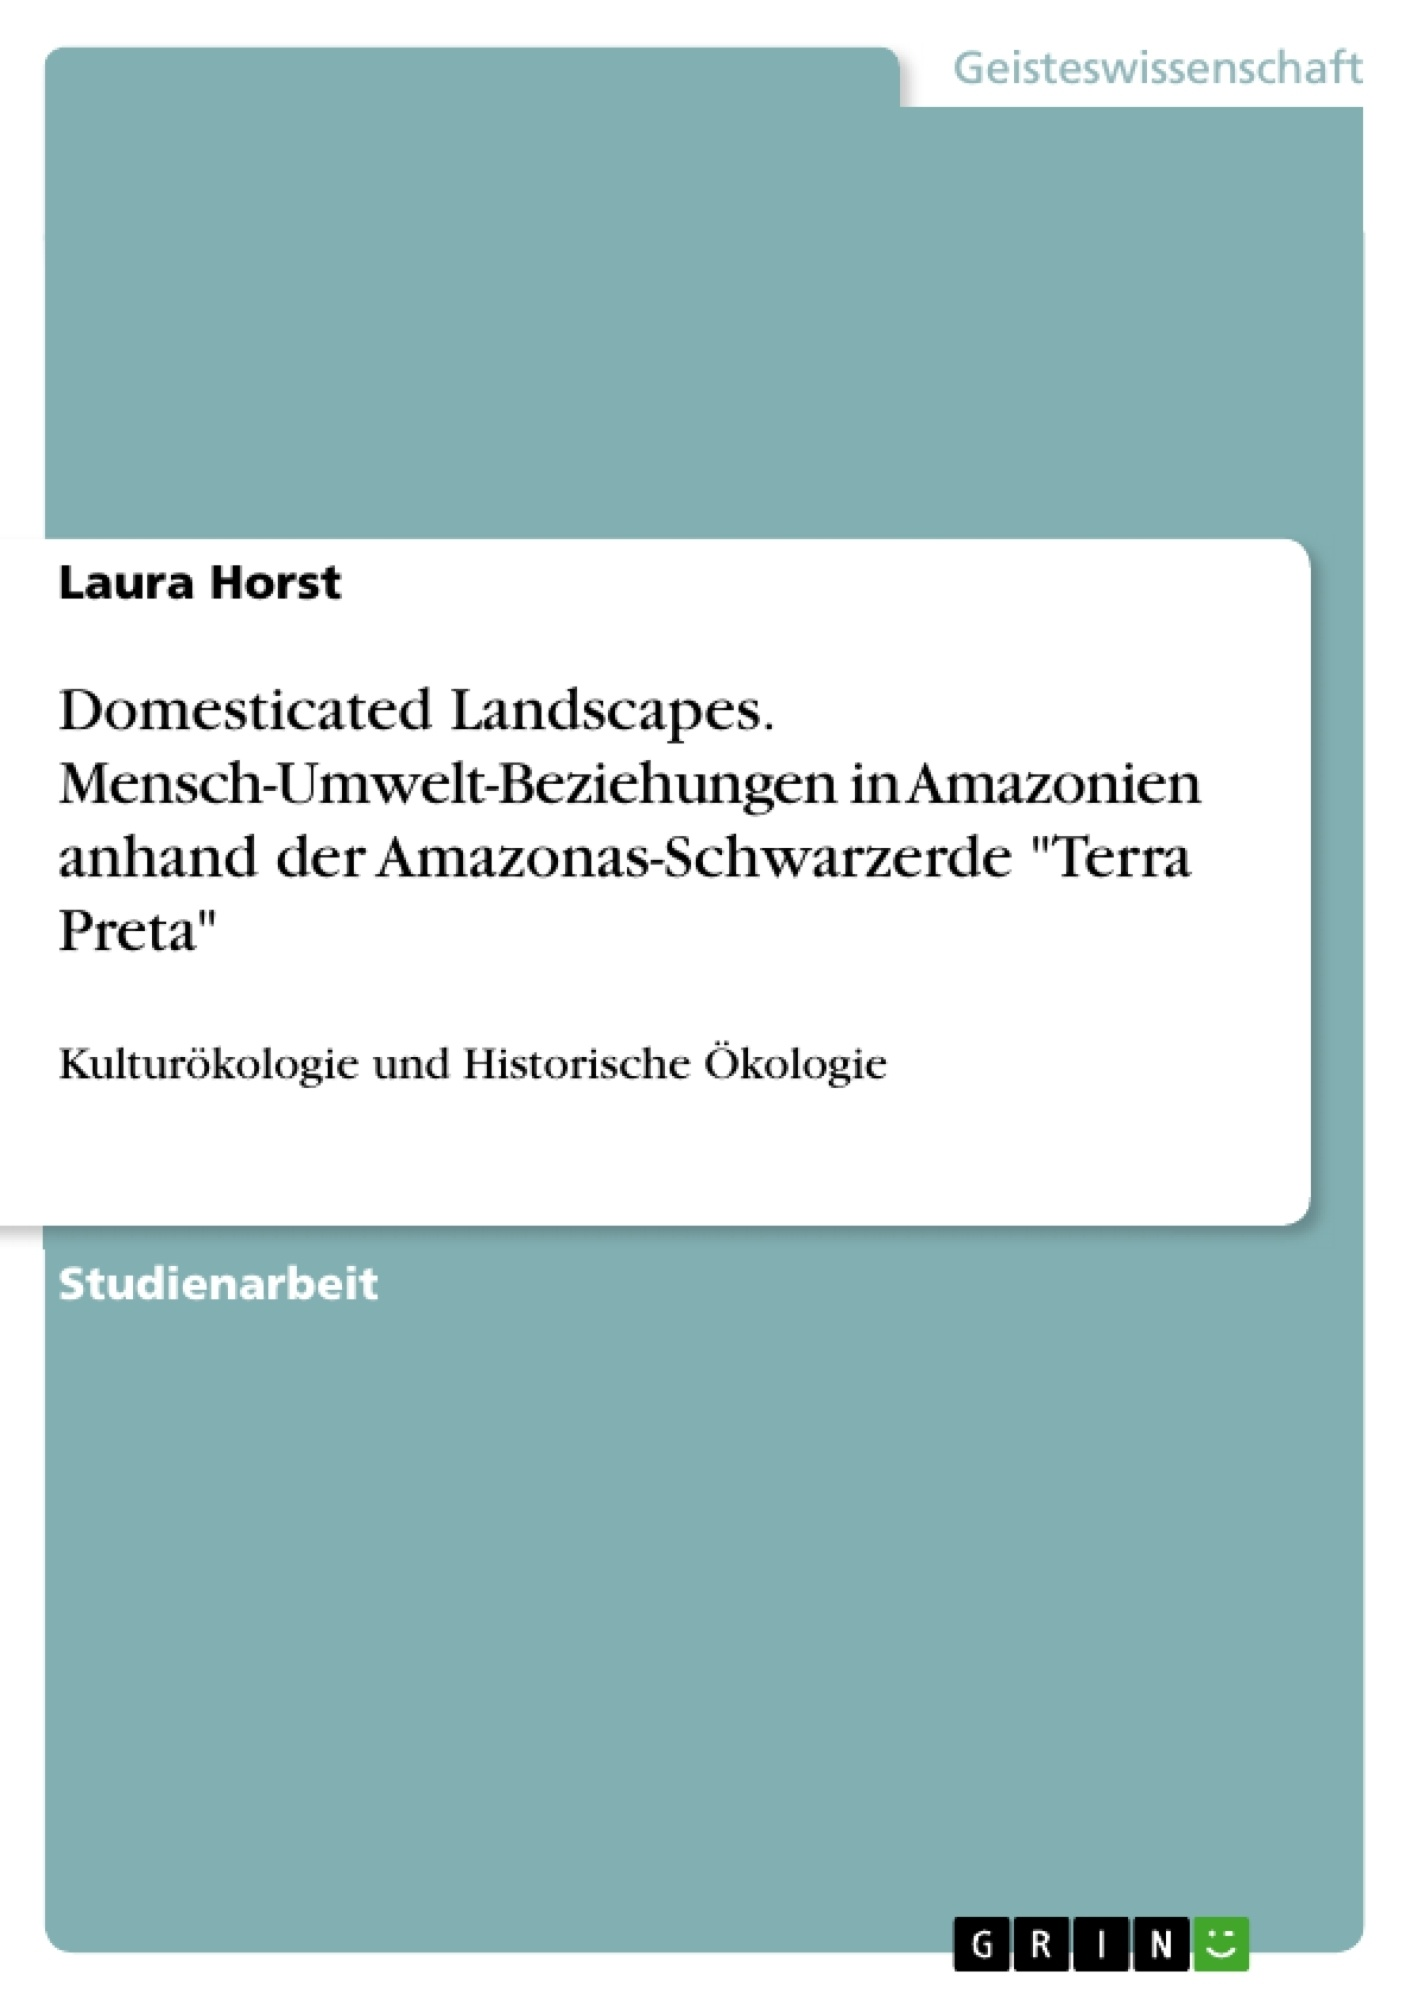 """Titel: Domesticated Landscapes. Mensch-Umwelt-Beziehungen in Amazonien anhand der Amazonas-Schwarzerde """"Terra Preta"""""""